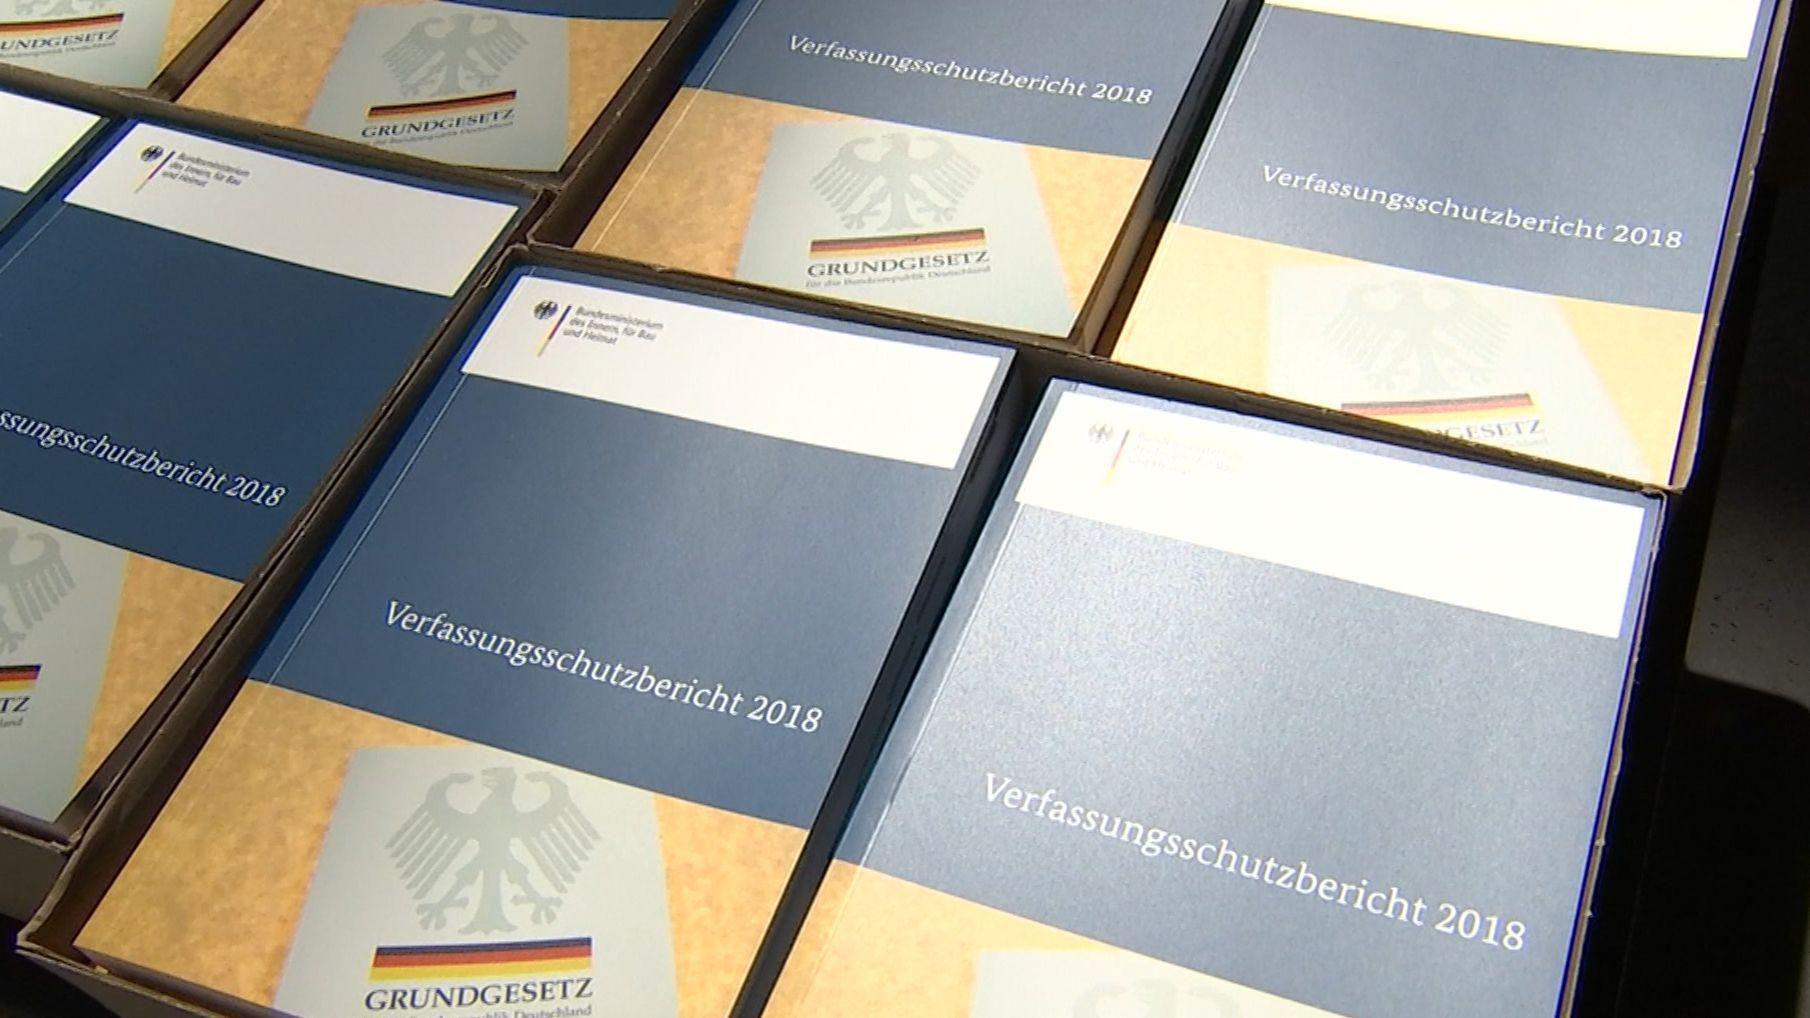 Verfassungschutzbericht 2018